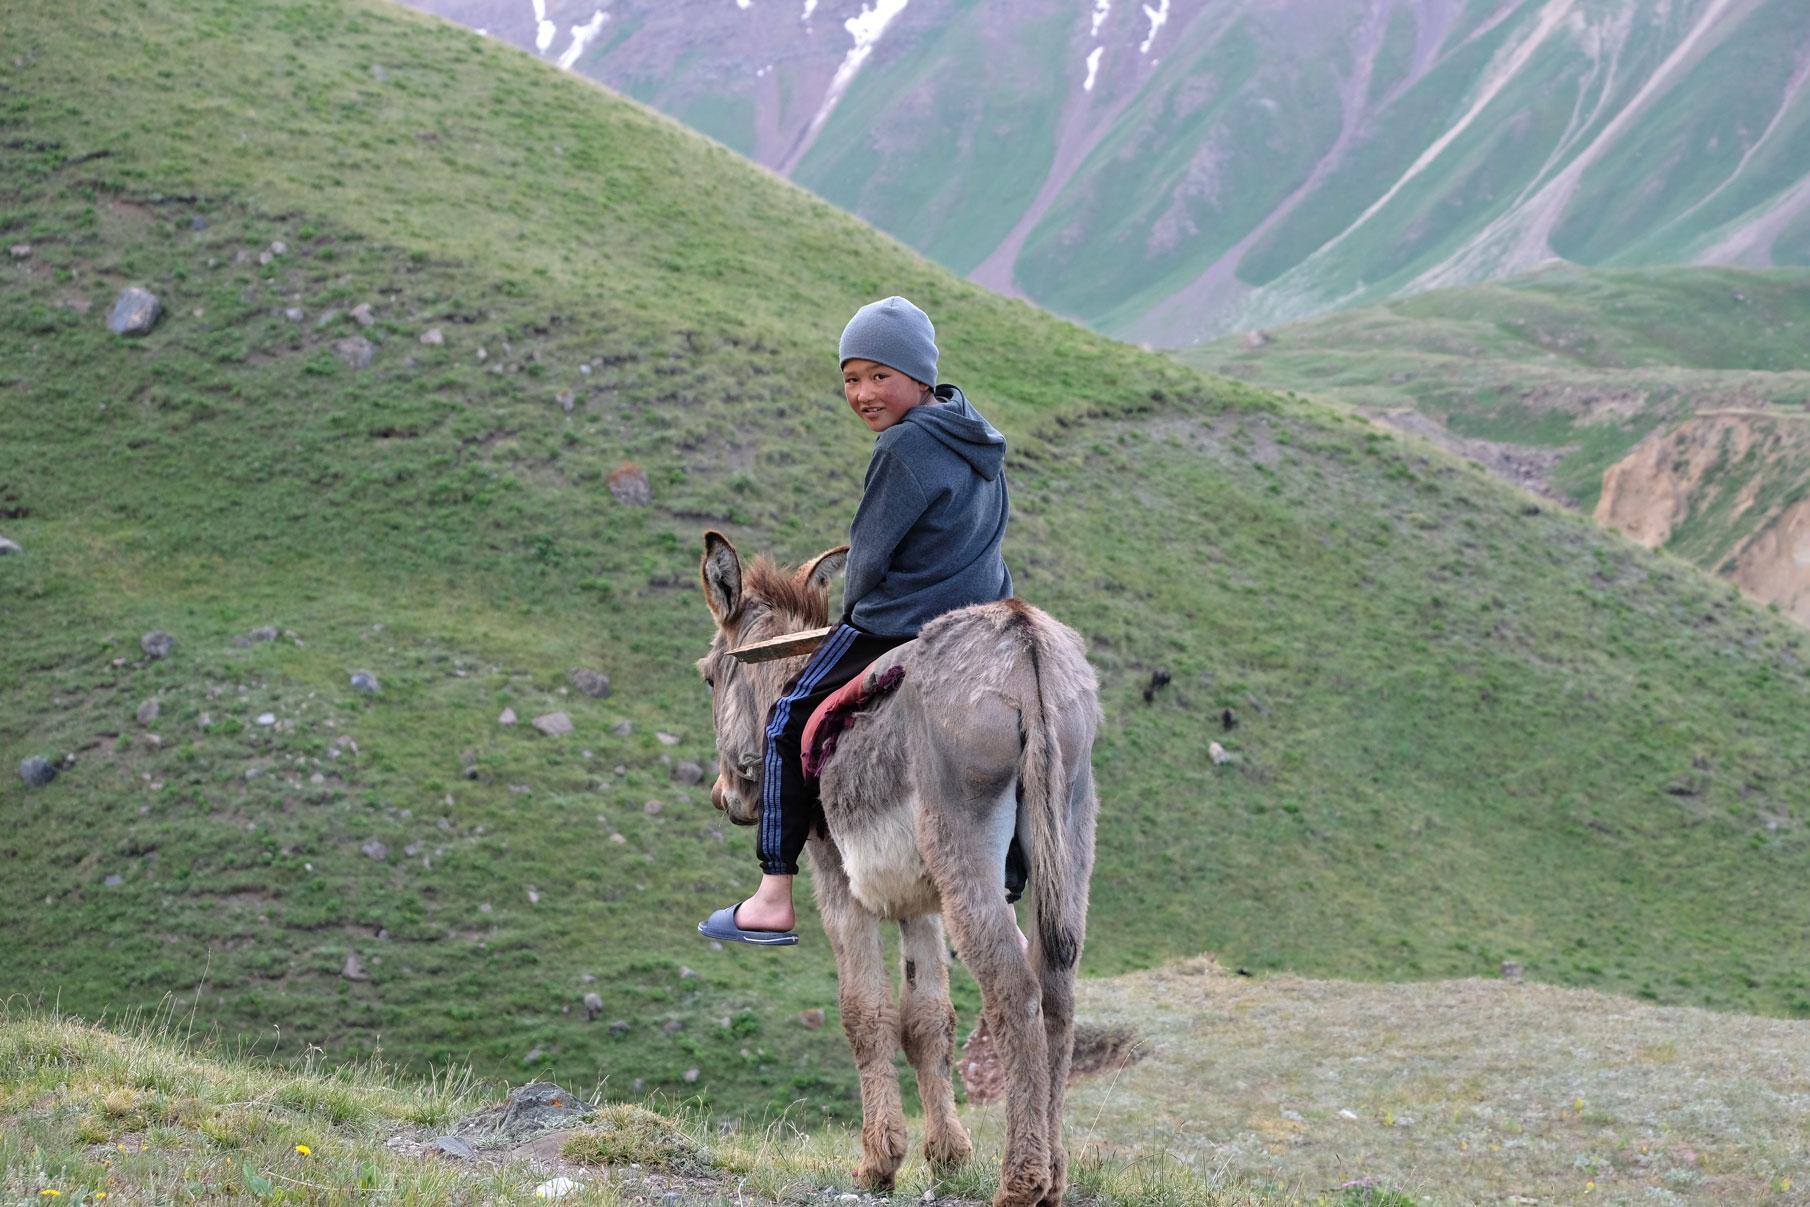 Ein Junge sitzt auf einem Esel.